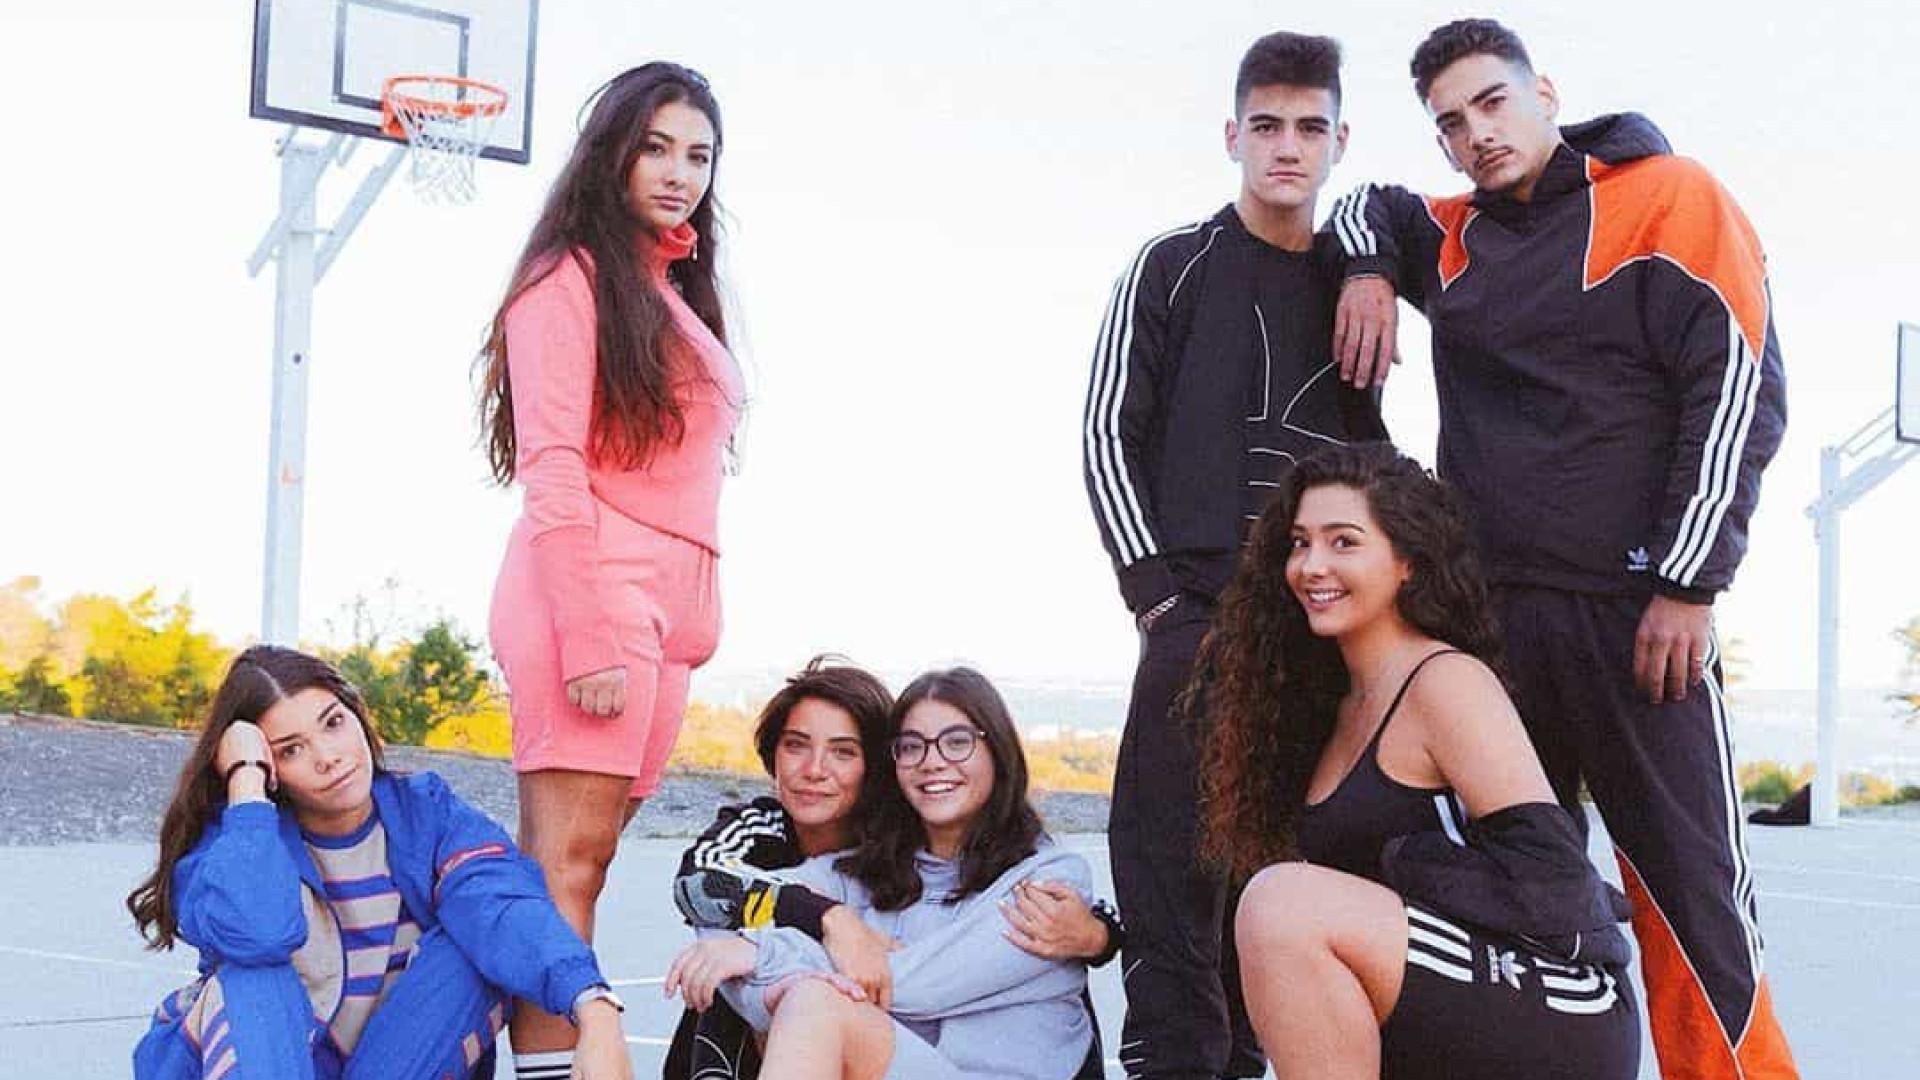 Carolina Carvalho revela fotos únicas com os seis irmãos